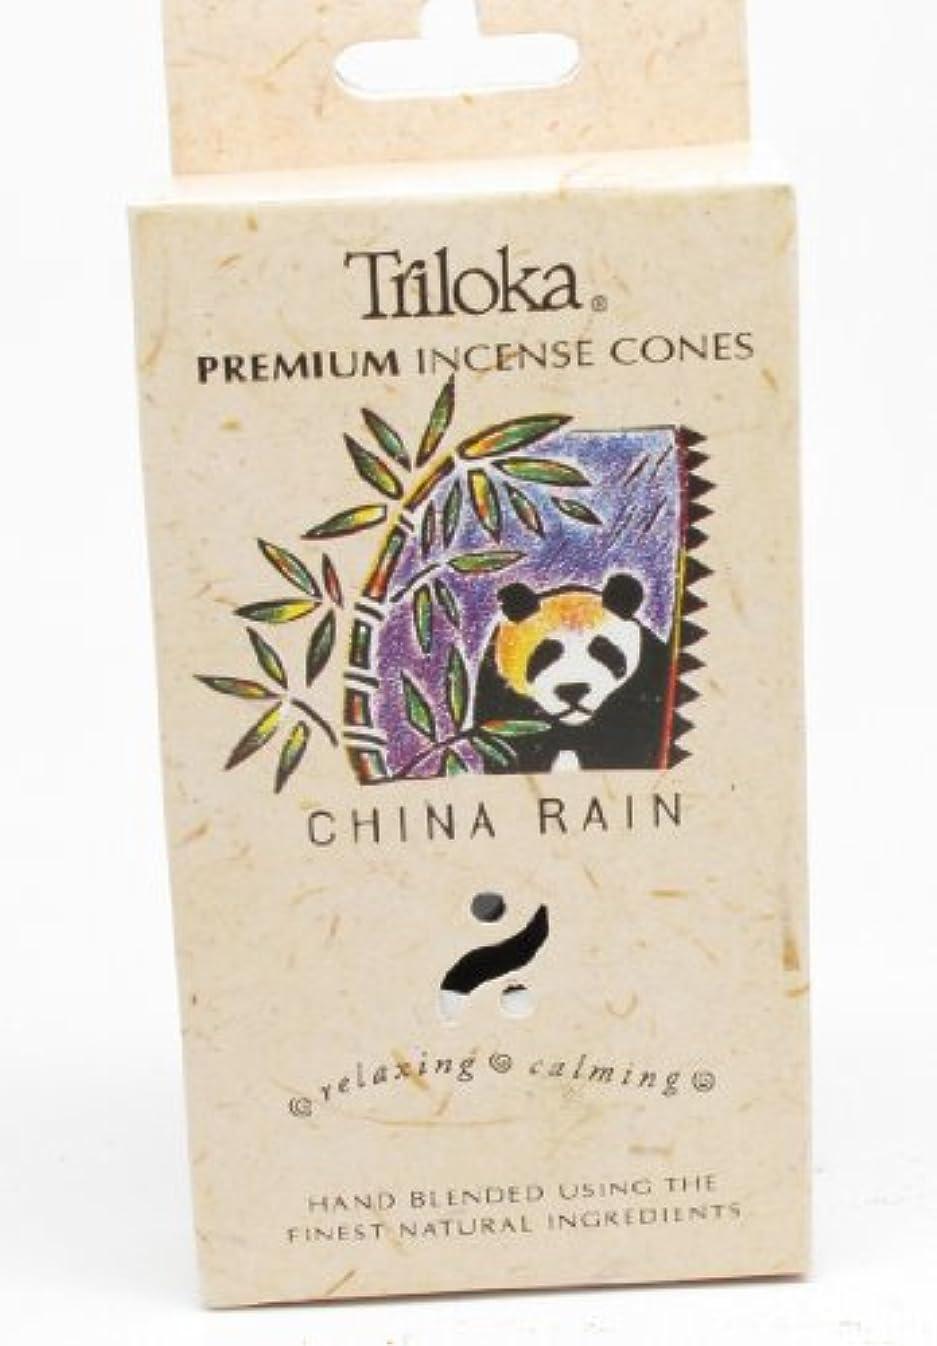 コンクリート繰り返した悪用中国雨 – TrilokaプレミアムCone Incense